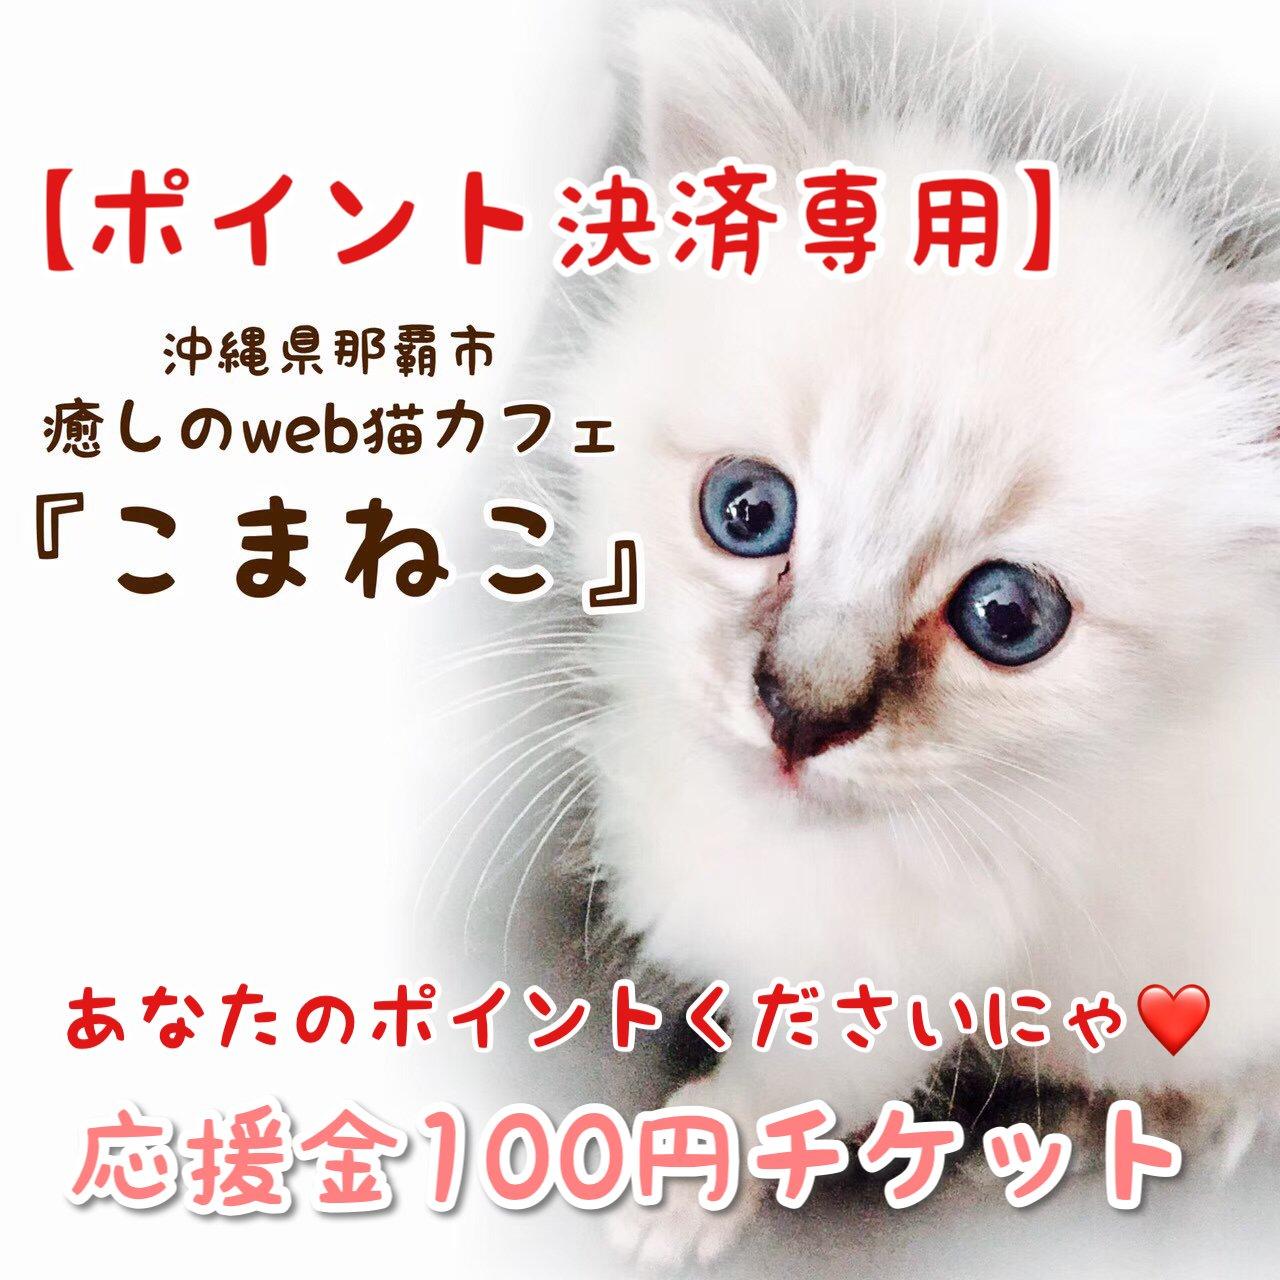 【ポイント決済専用】沖縄の保護猫を幸せにするための応援チケットのイメージその1